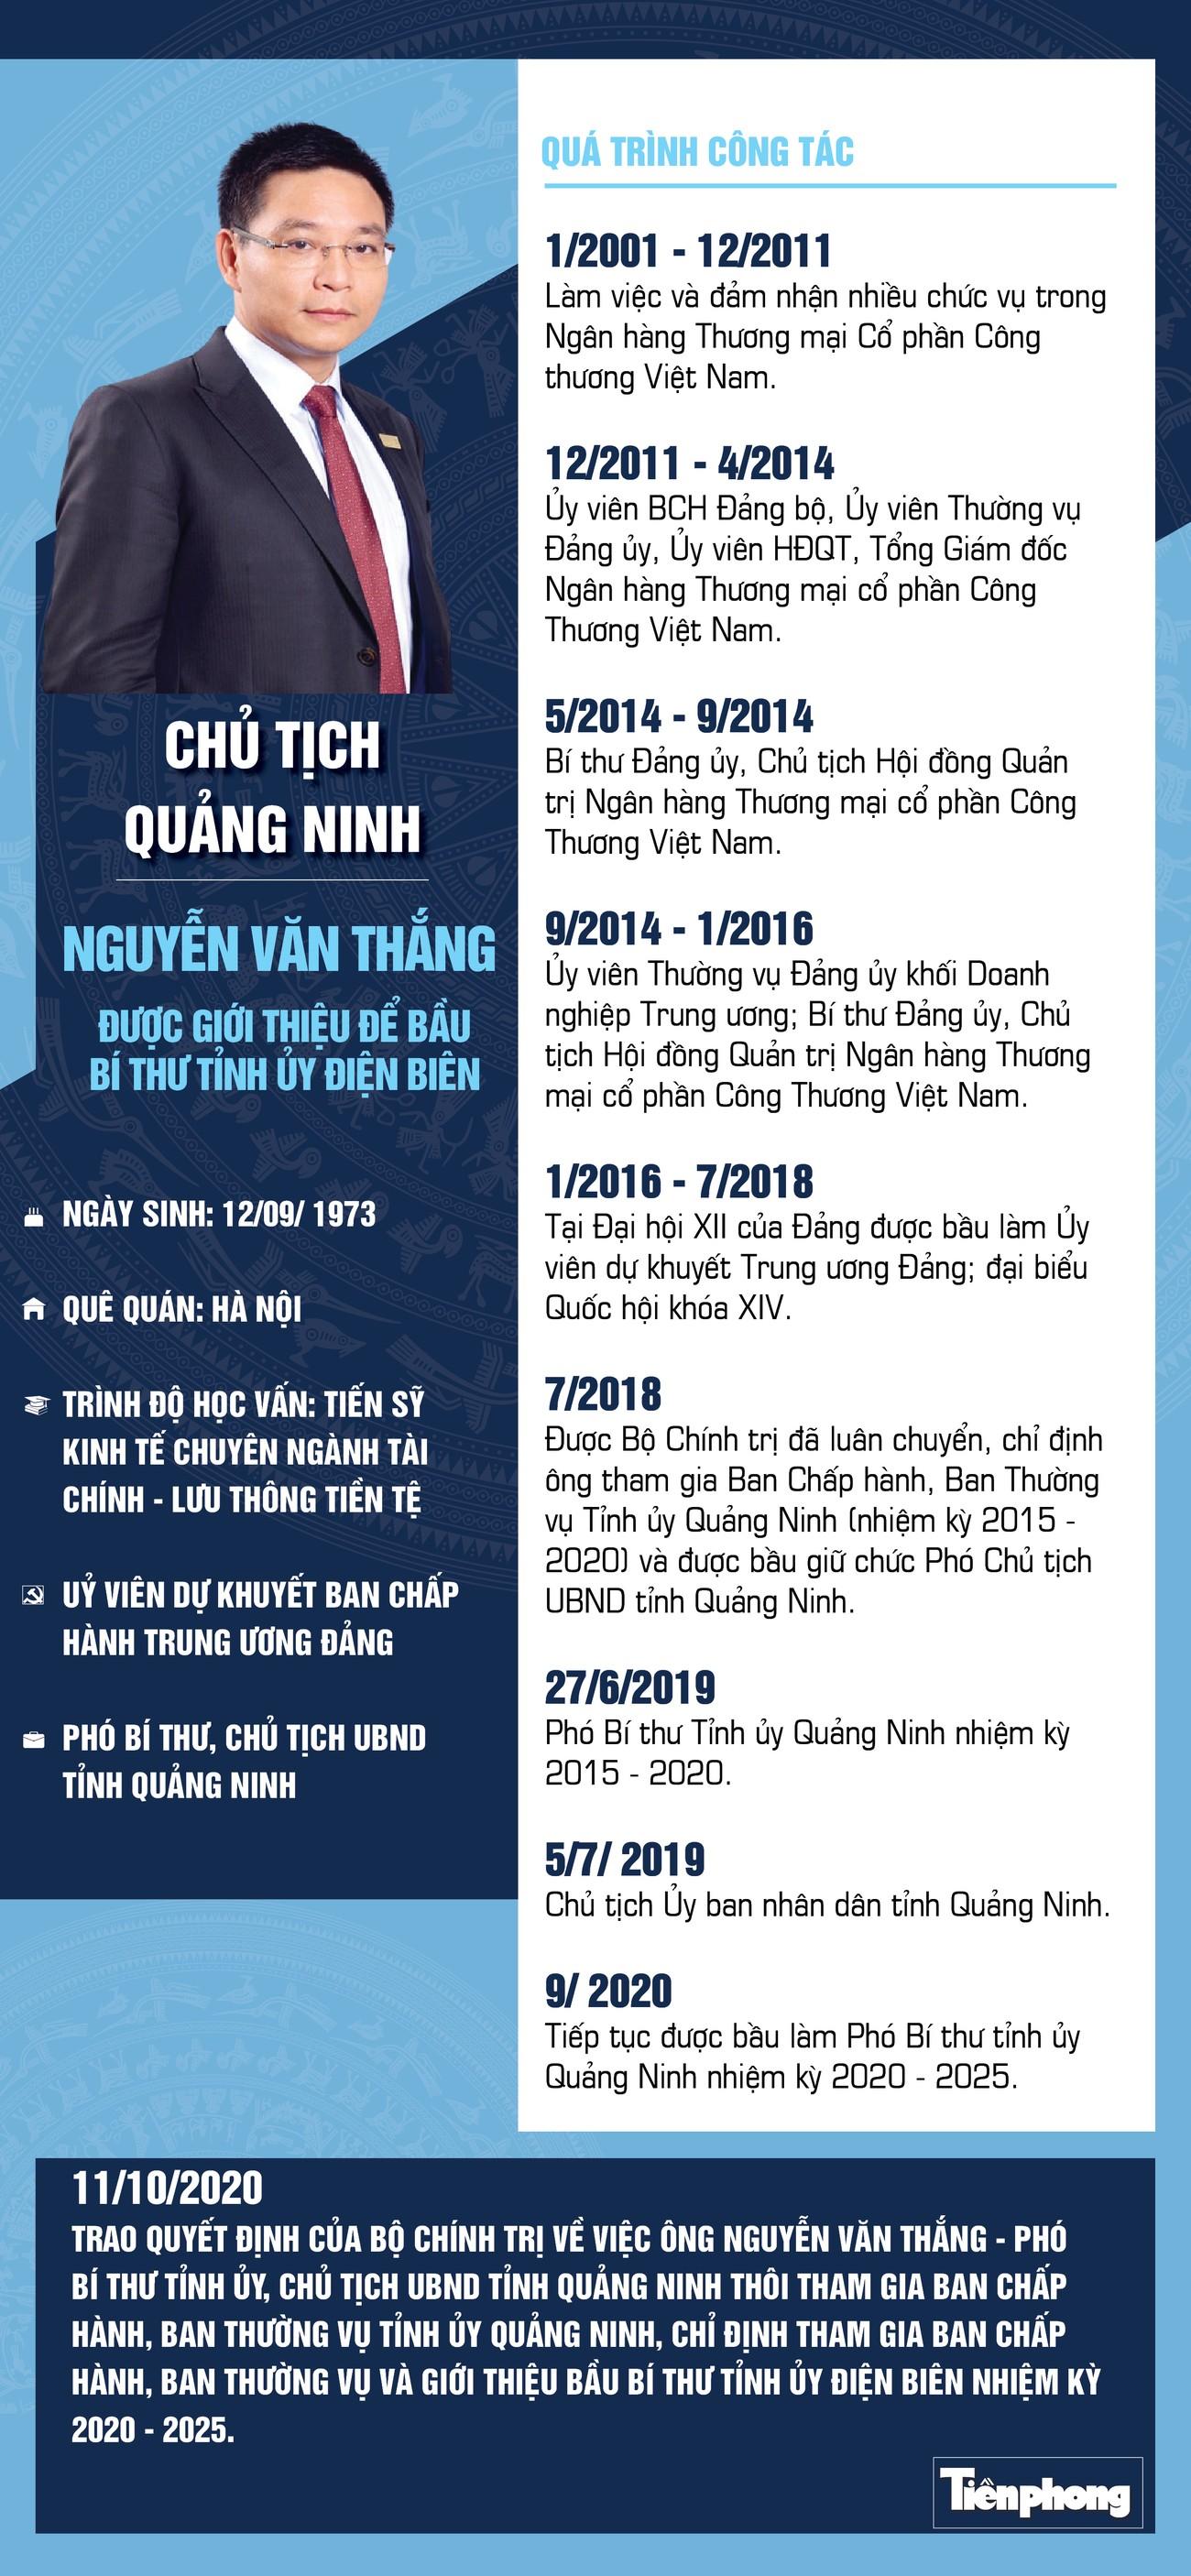 Chủ tịch Quảng Ninh được giới thiệu để bầu Bí thư Tỉnh ủy Điện Biên ảnh 1